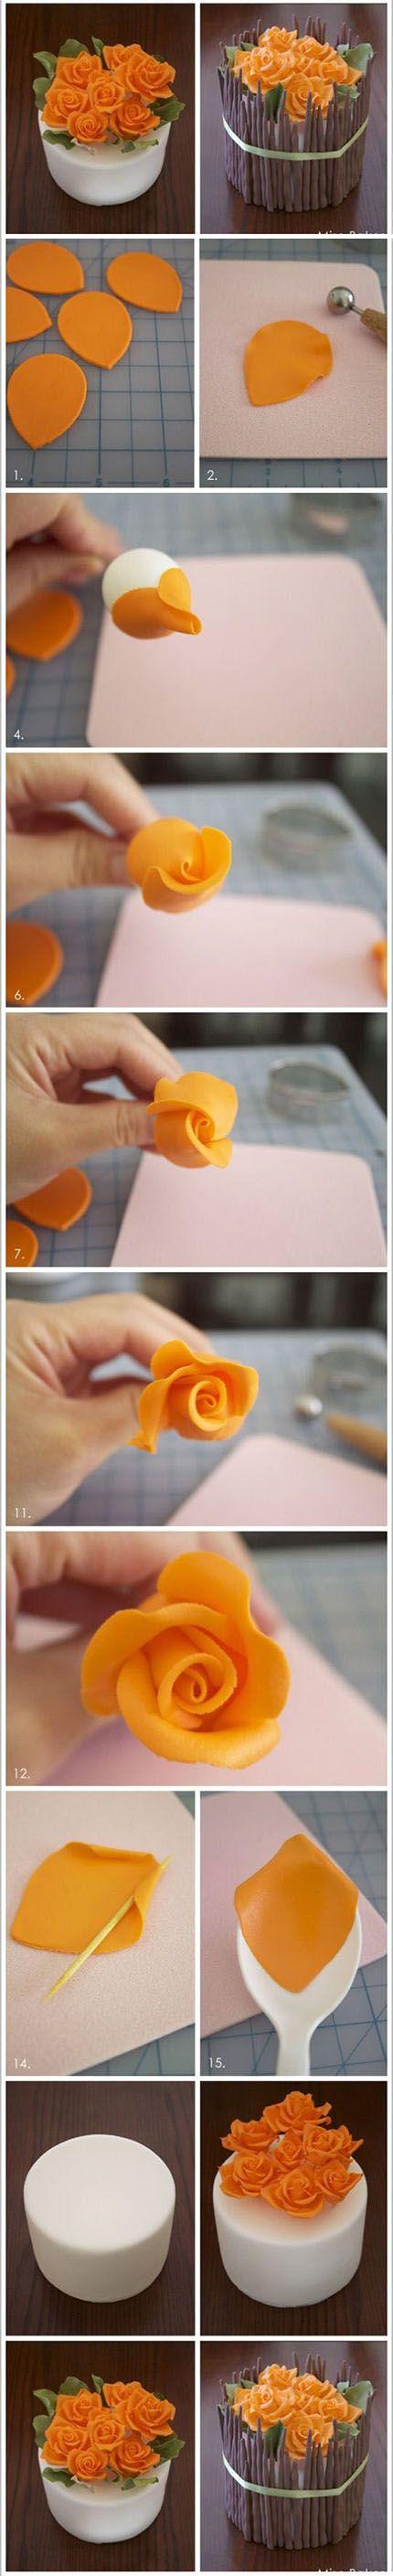 Diy Fall Flower | DIY & Crafts Tutorials